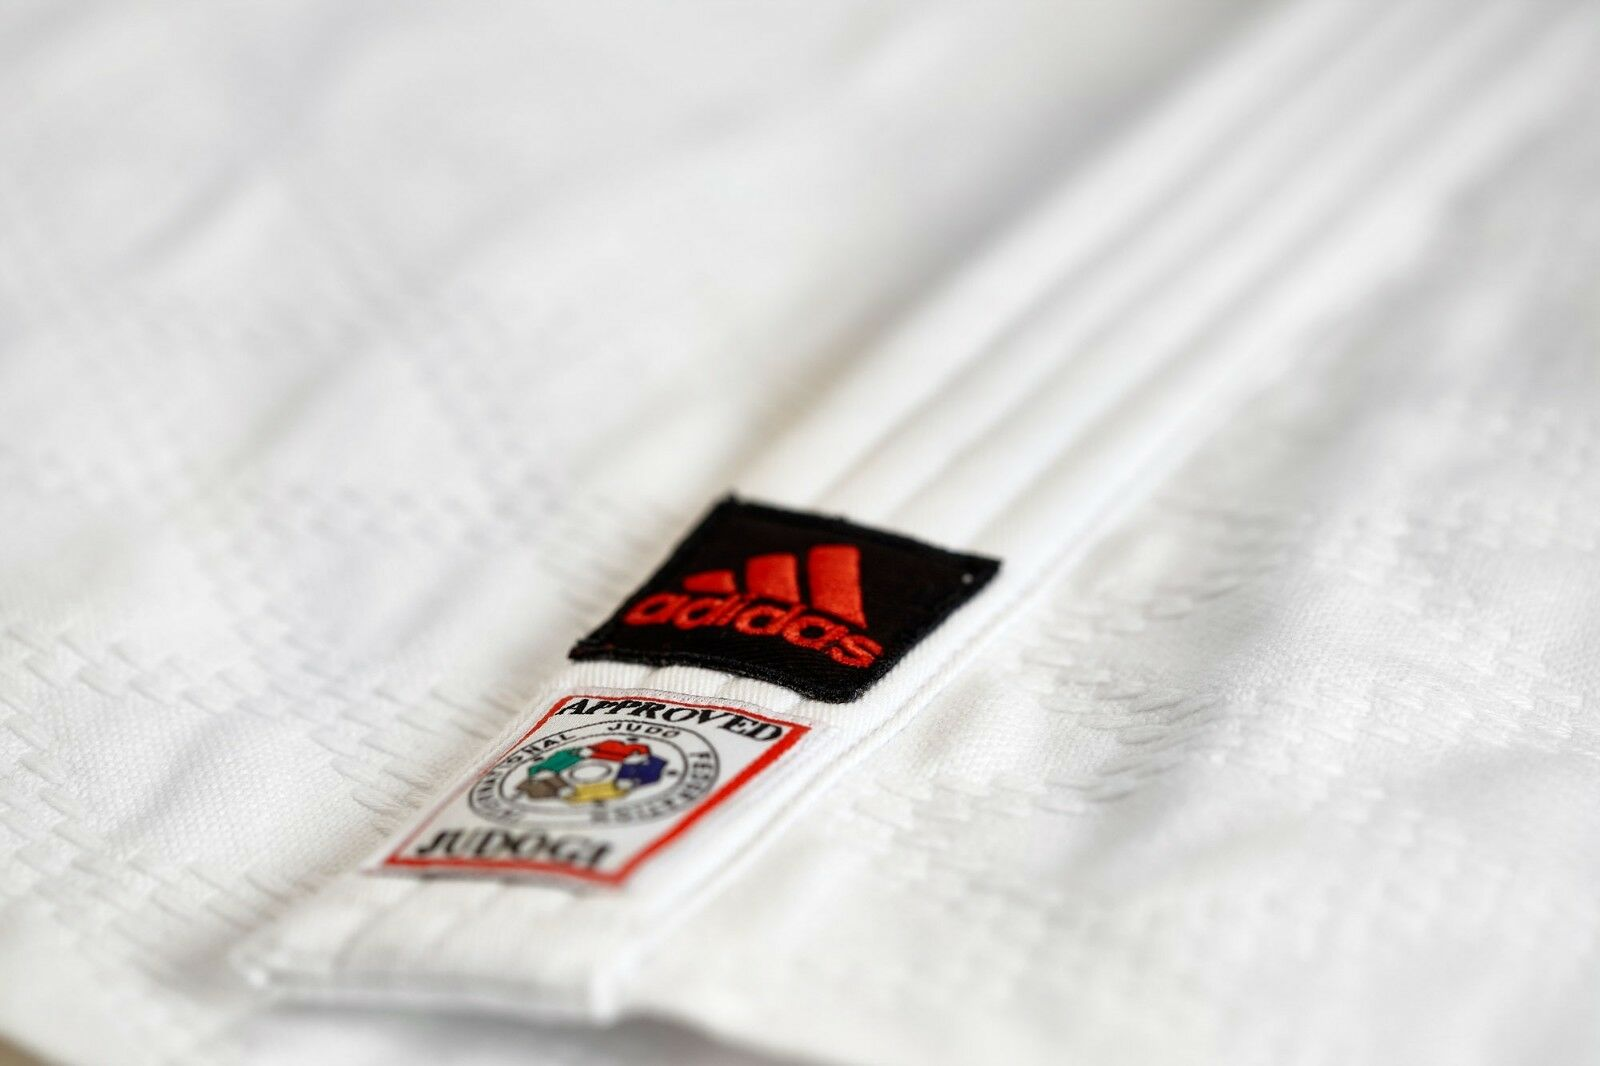 Adidas Judoanzug    CHAMPION II  IJF, weiß rote Streifen, JIJF - Judo-Anzug    Haltbar    Wir haben von unseren Kunden Lob erhalten.    Elegant  f536af